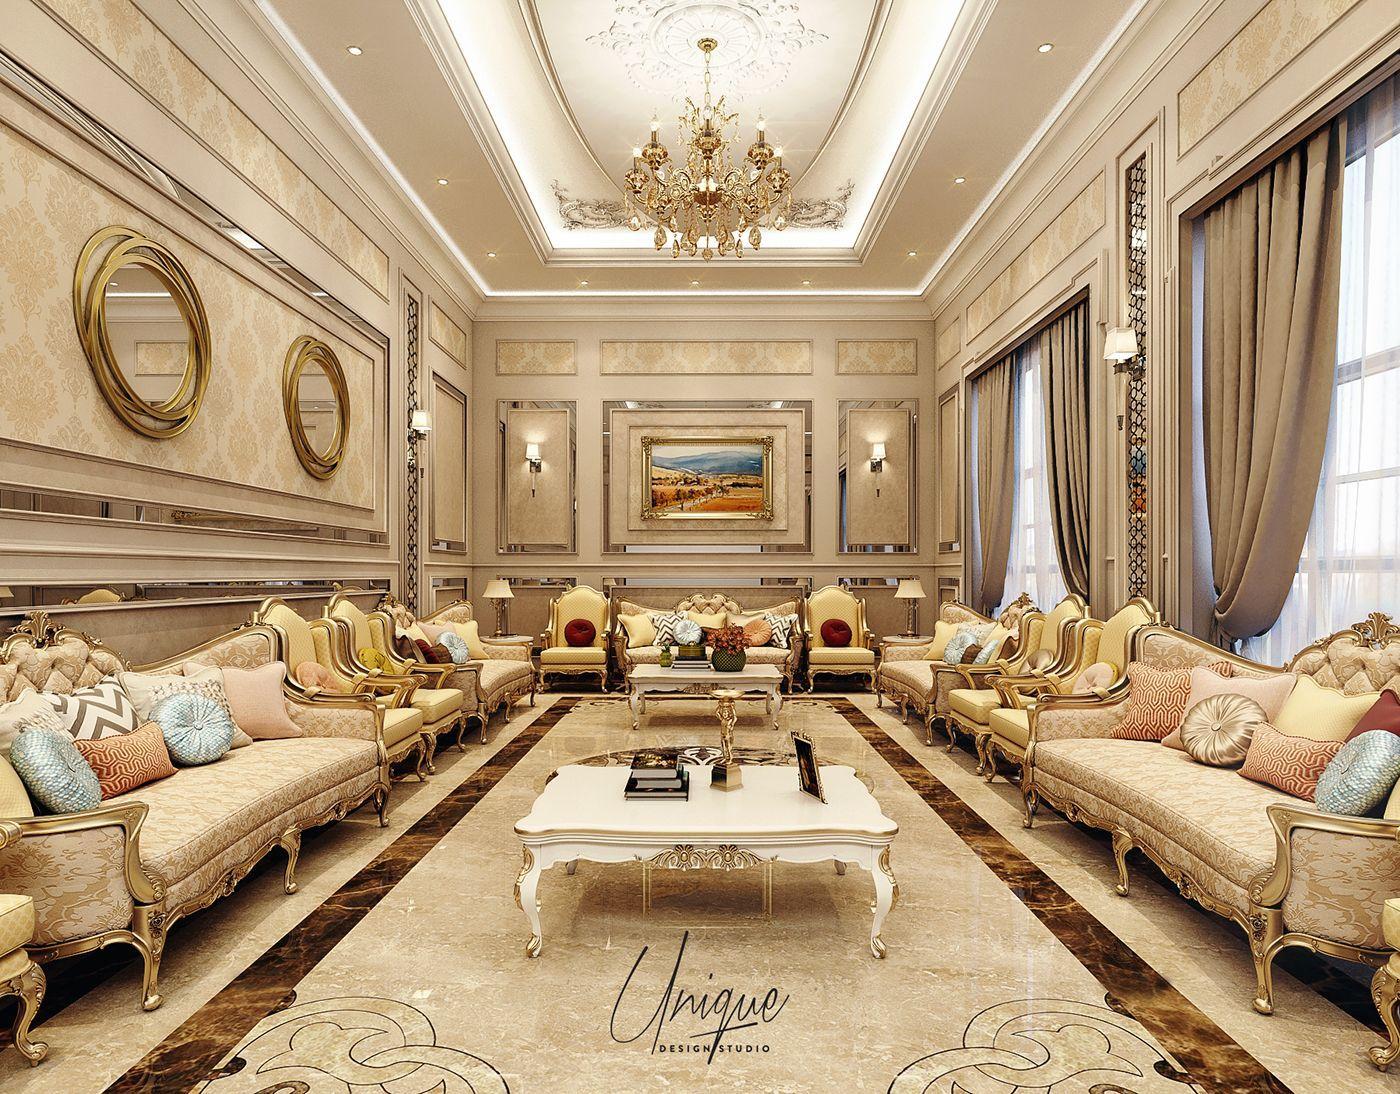 Pin Oleh Leslie Barouse Di Luxury Mansions Interior Ruang Keluarga Mewah Rumah Mewah Ide Dekorasi Rumah